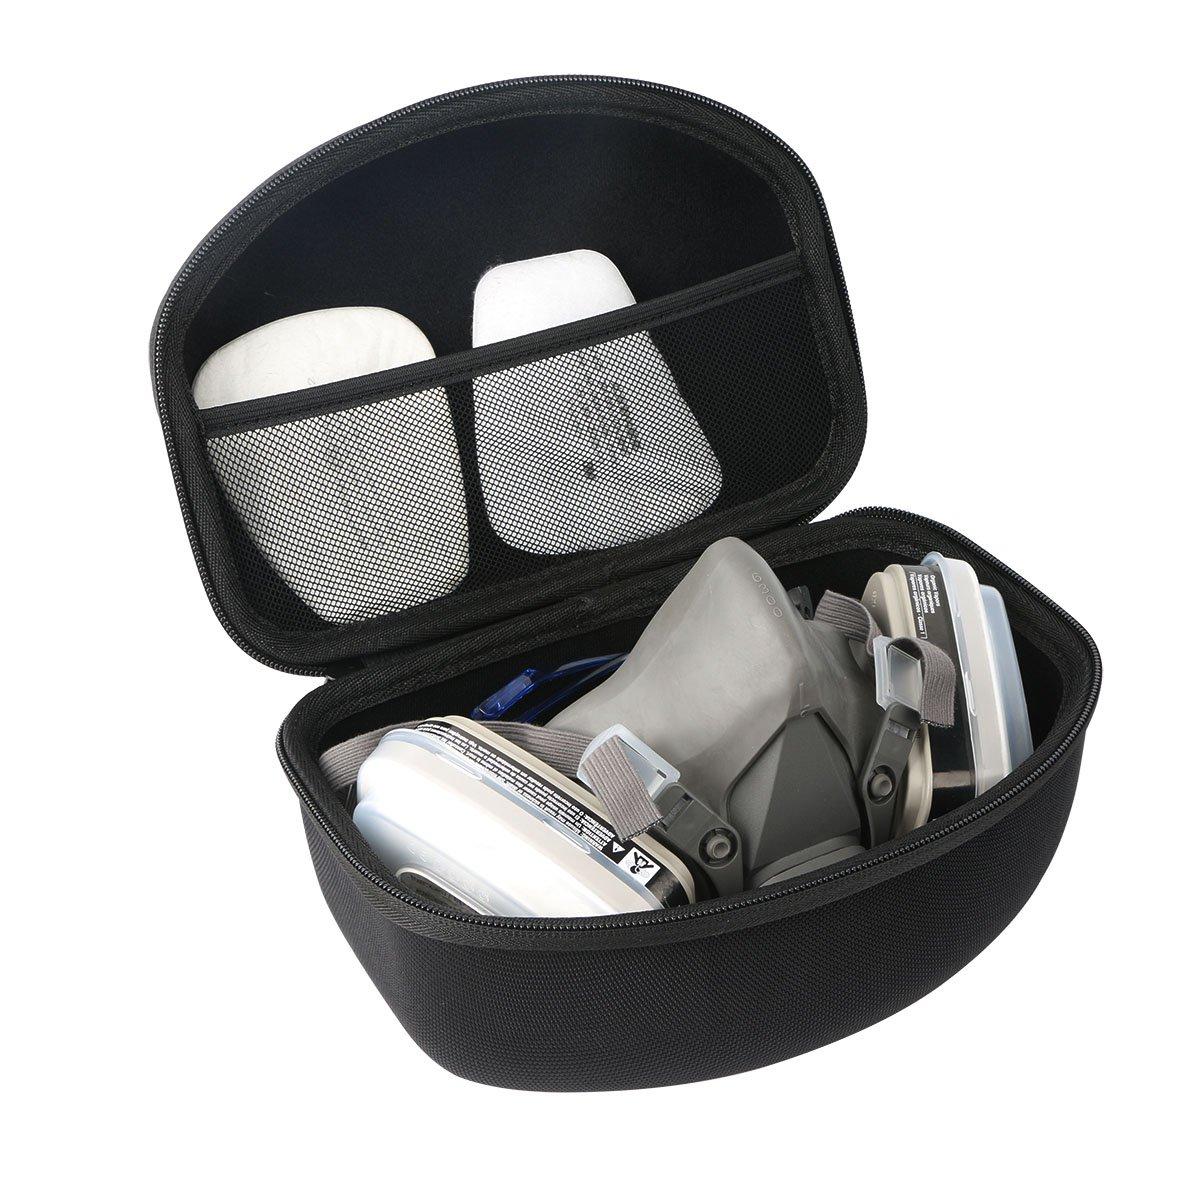 Khanka Hard Storage Case for 3M 07193/07192 Dual Cartridge Respirator Assembly, Organic Vapor/P95, Large